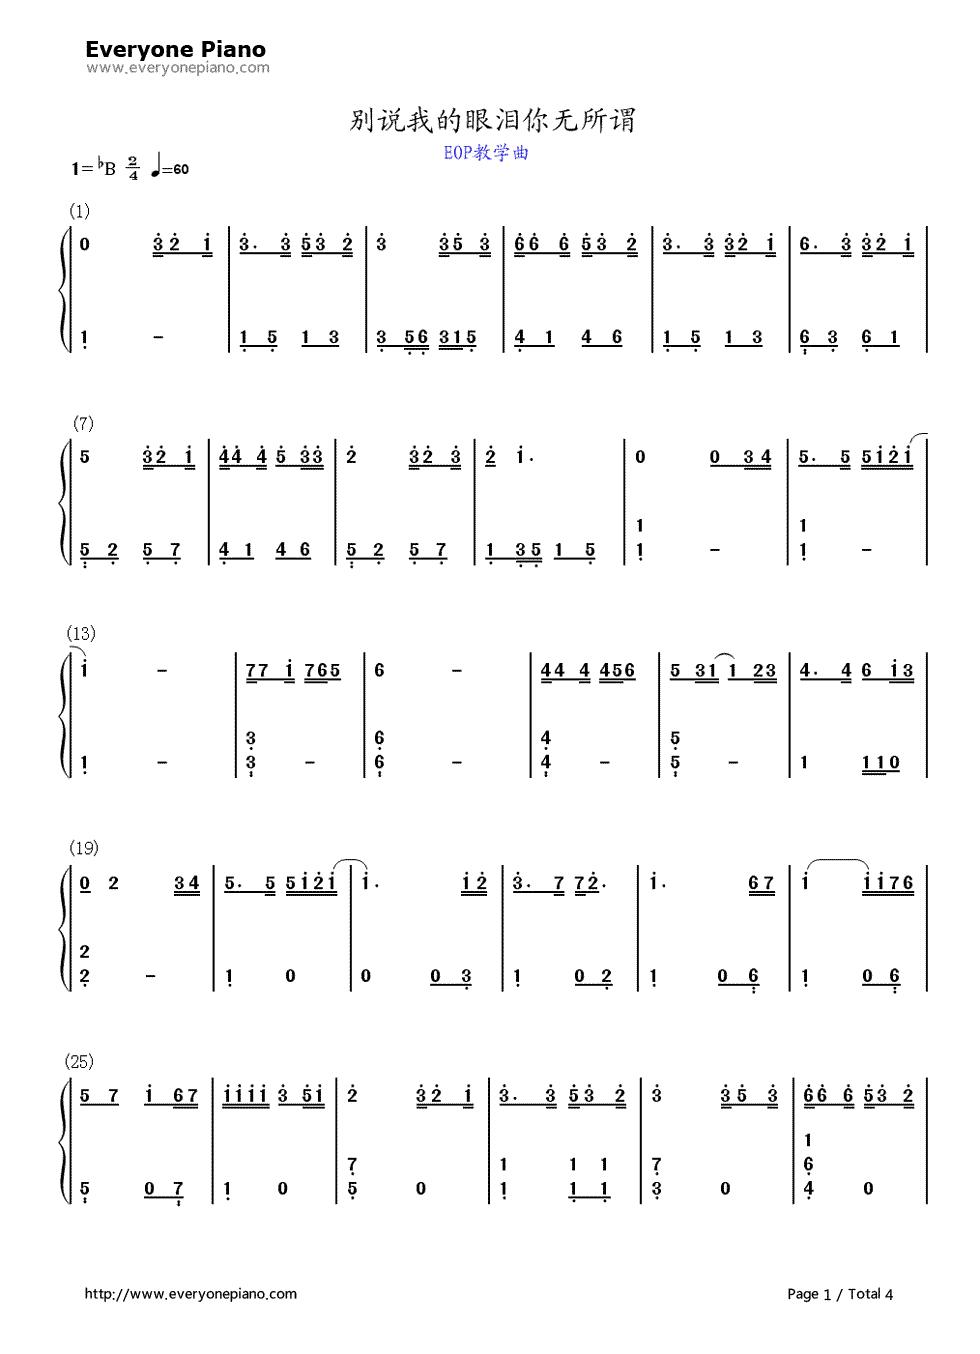 别说我的眼泪你无所谓-eop教学曲双手简谱预览1-钢琴谱(五线谱,双手